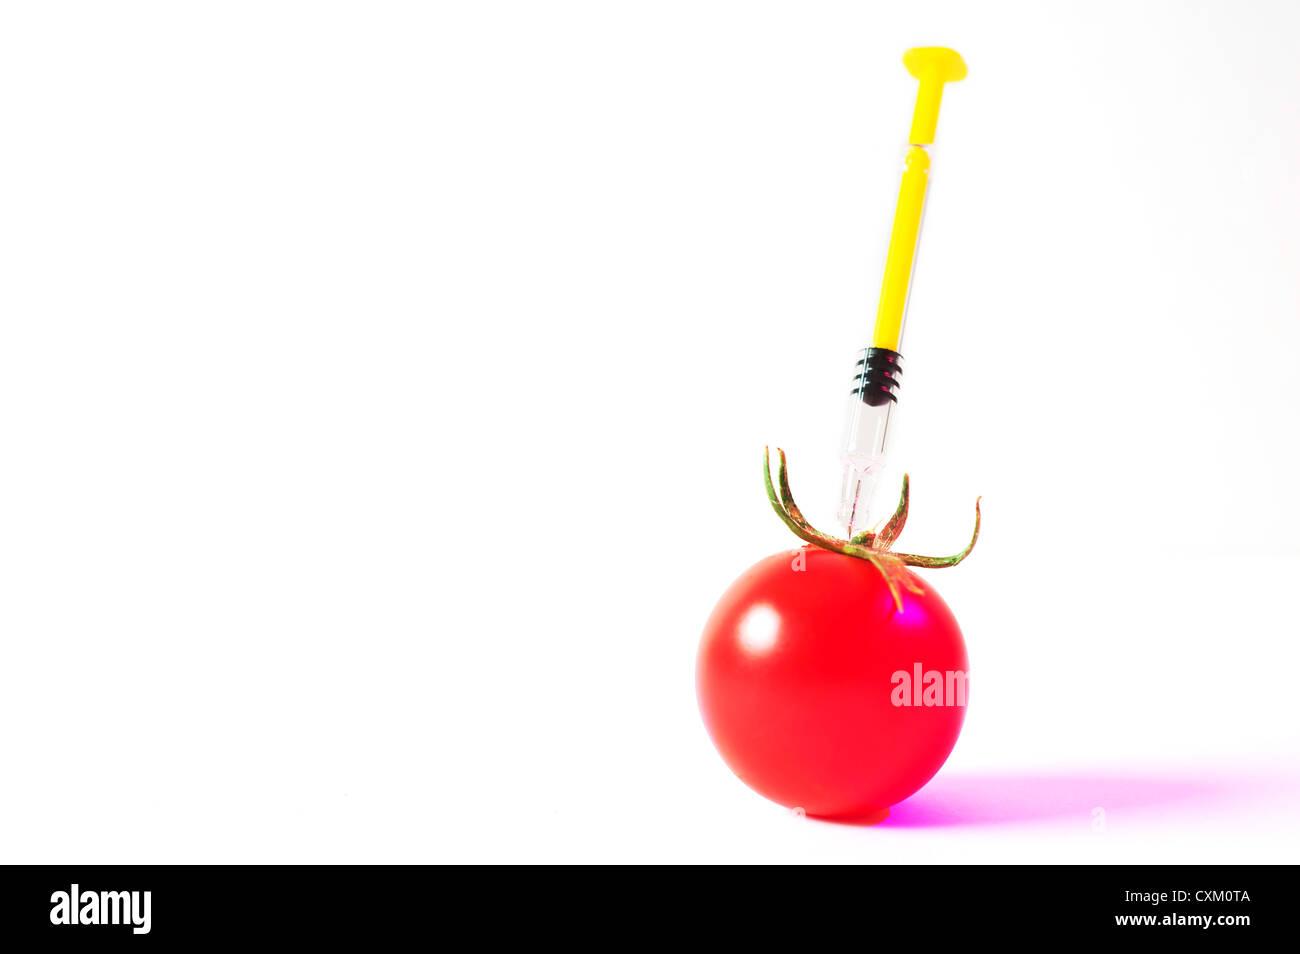 Les aliments génétiquement modifiés. une aiguille injecte une tomate fraîche Photo Stock